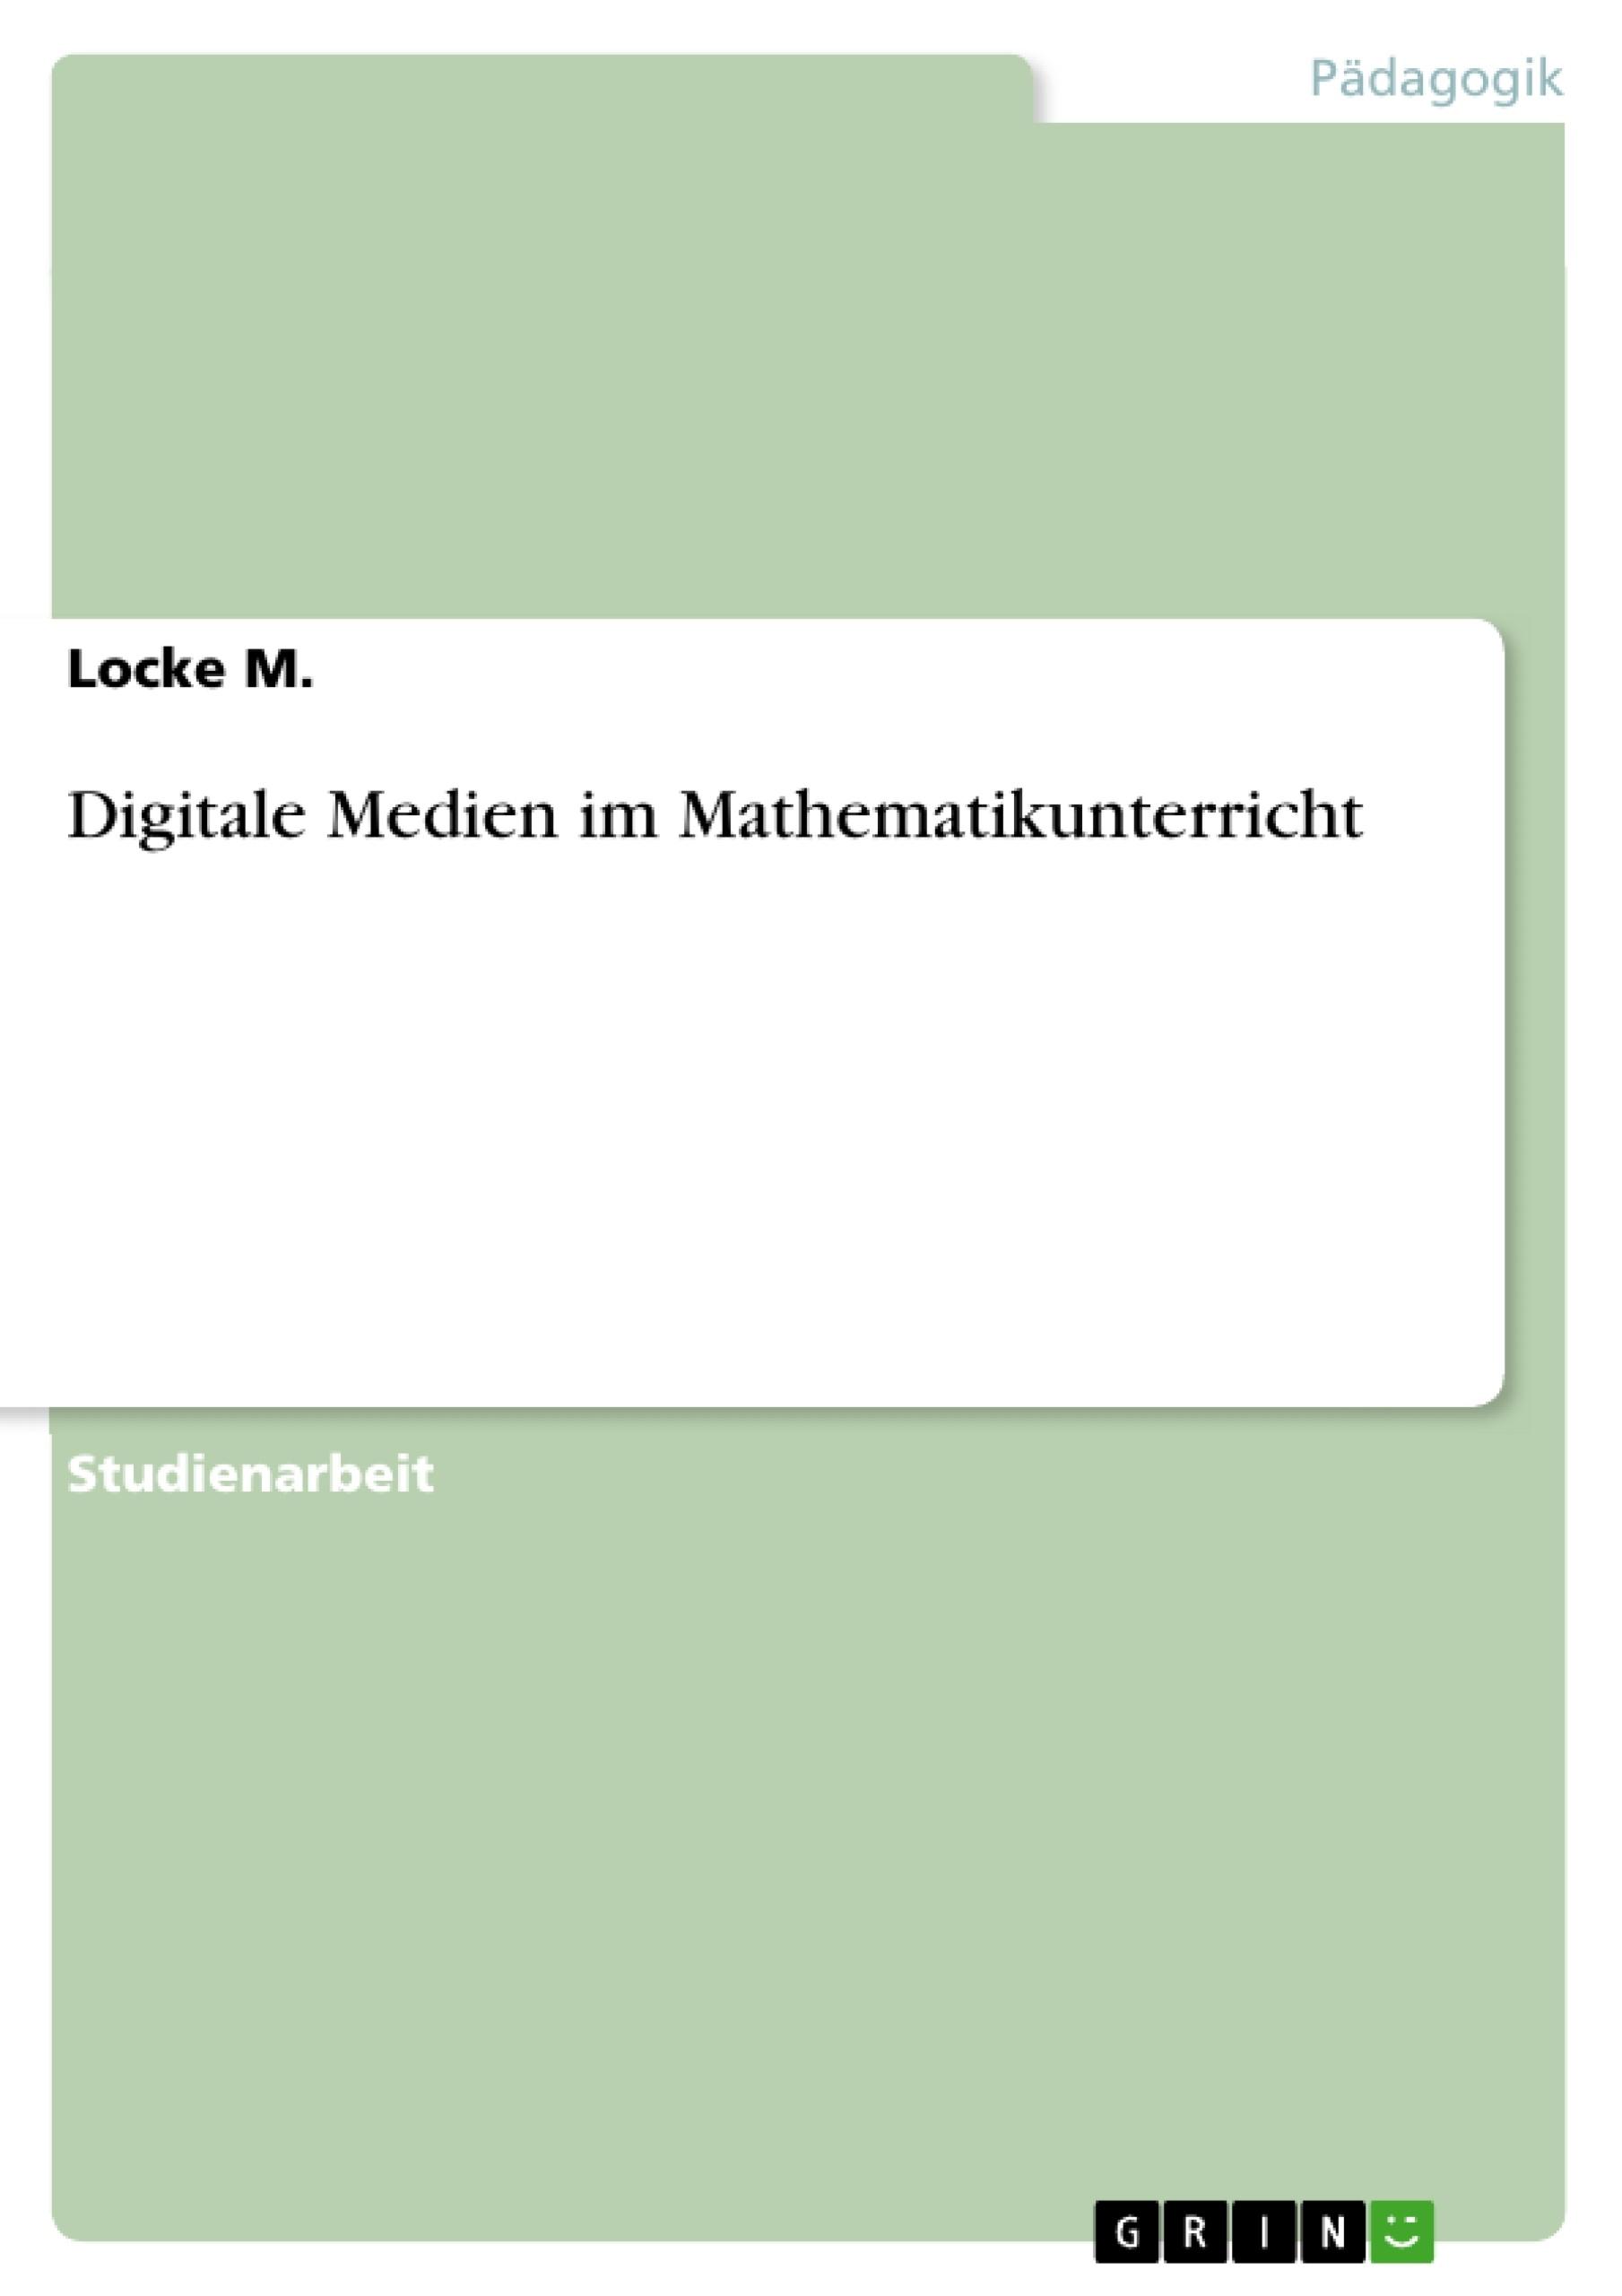 Titel: Digitale Medien im Mathematikunterricht